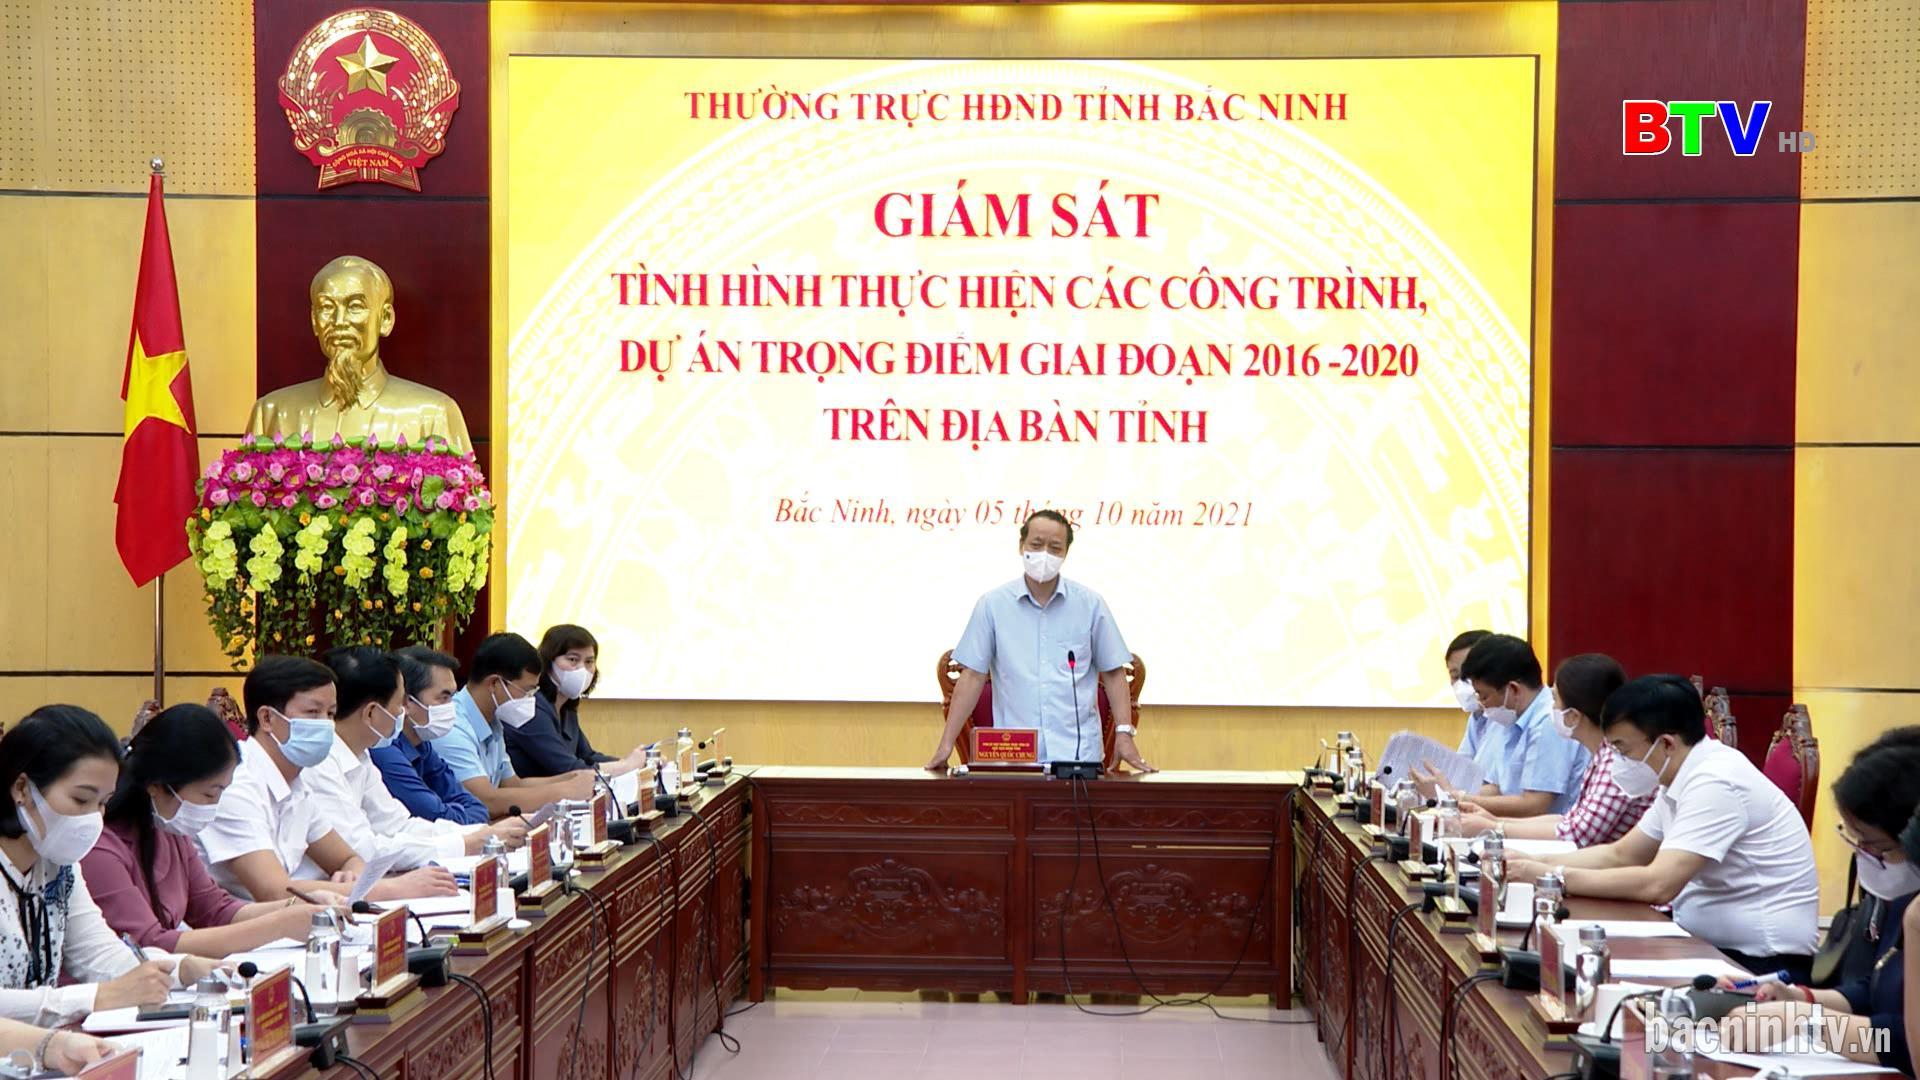 Thường trực HĐND tỉnh giám sát các công trình trọng điểm 2016-2021